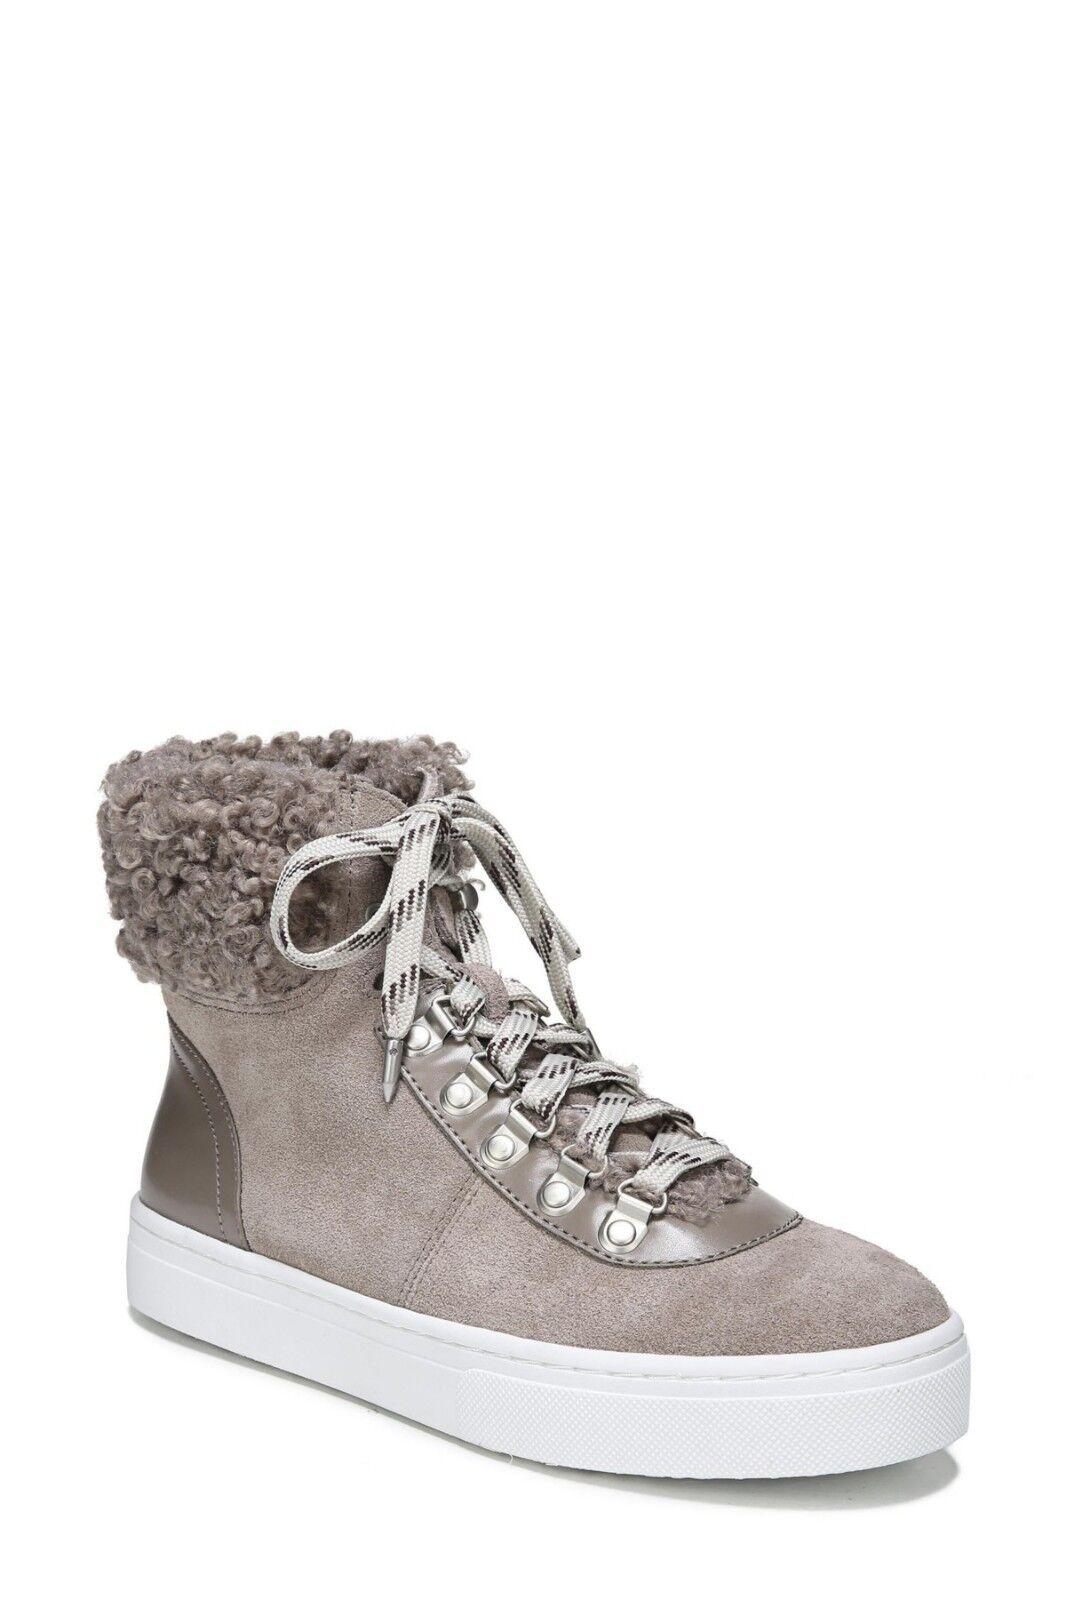 vendite dirette della fabbrica New  Sam Edelman Edelman Edelman Luther Faux Shearling High Top scarpe da ginnastica Donna  scarpe stivali  Miglior prezzo